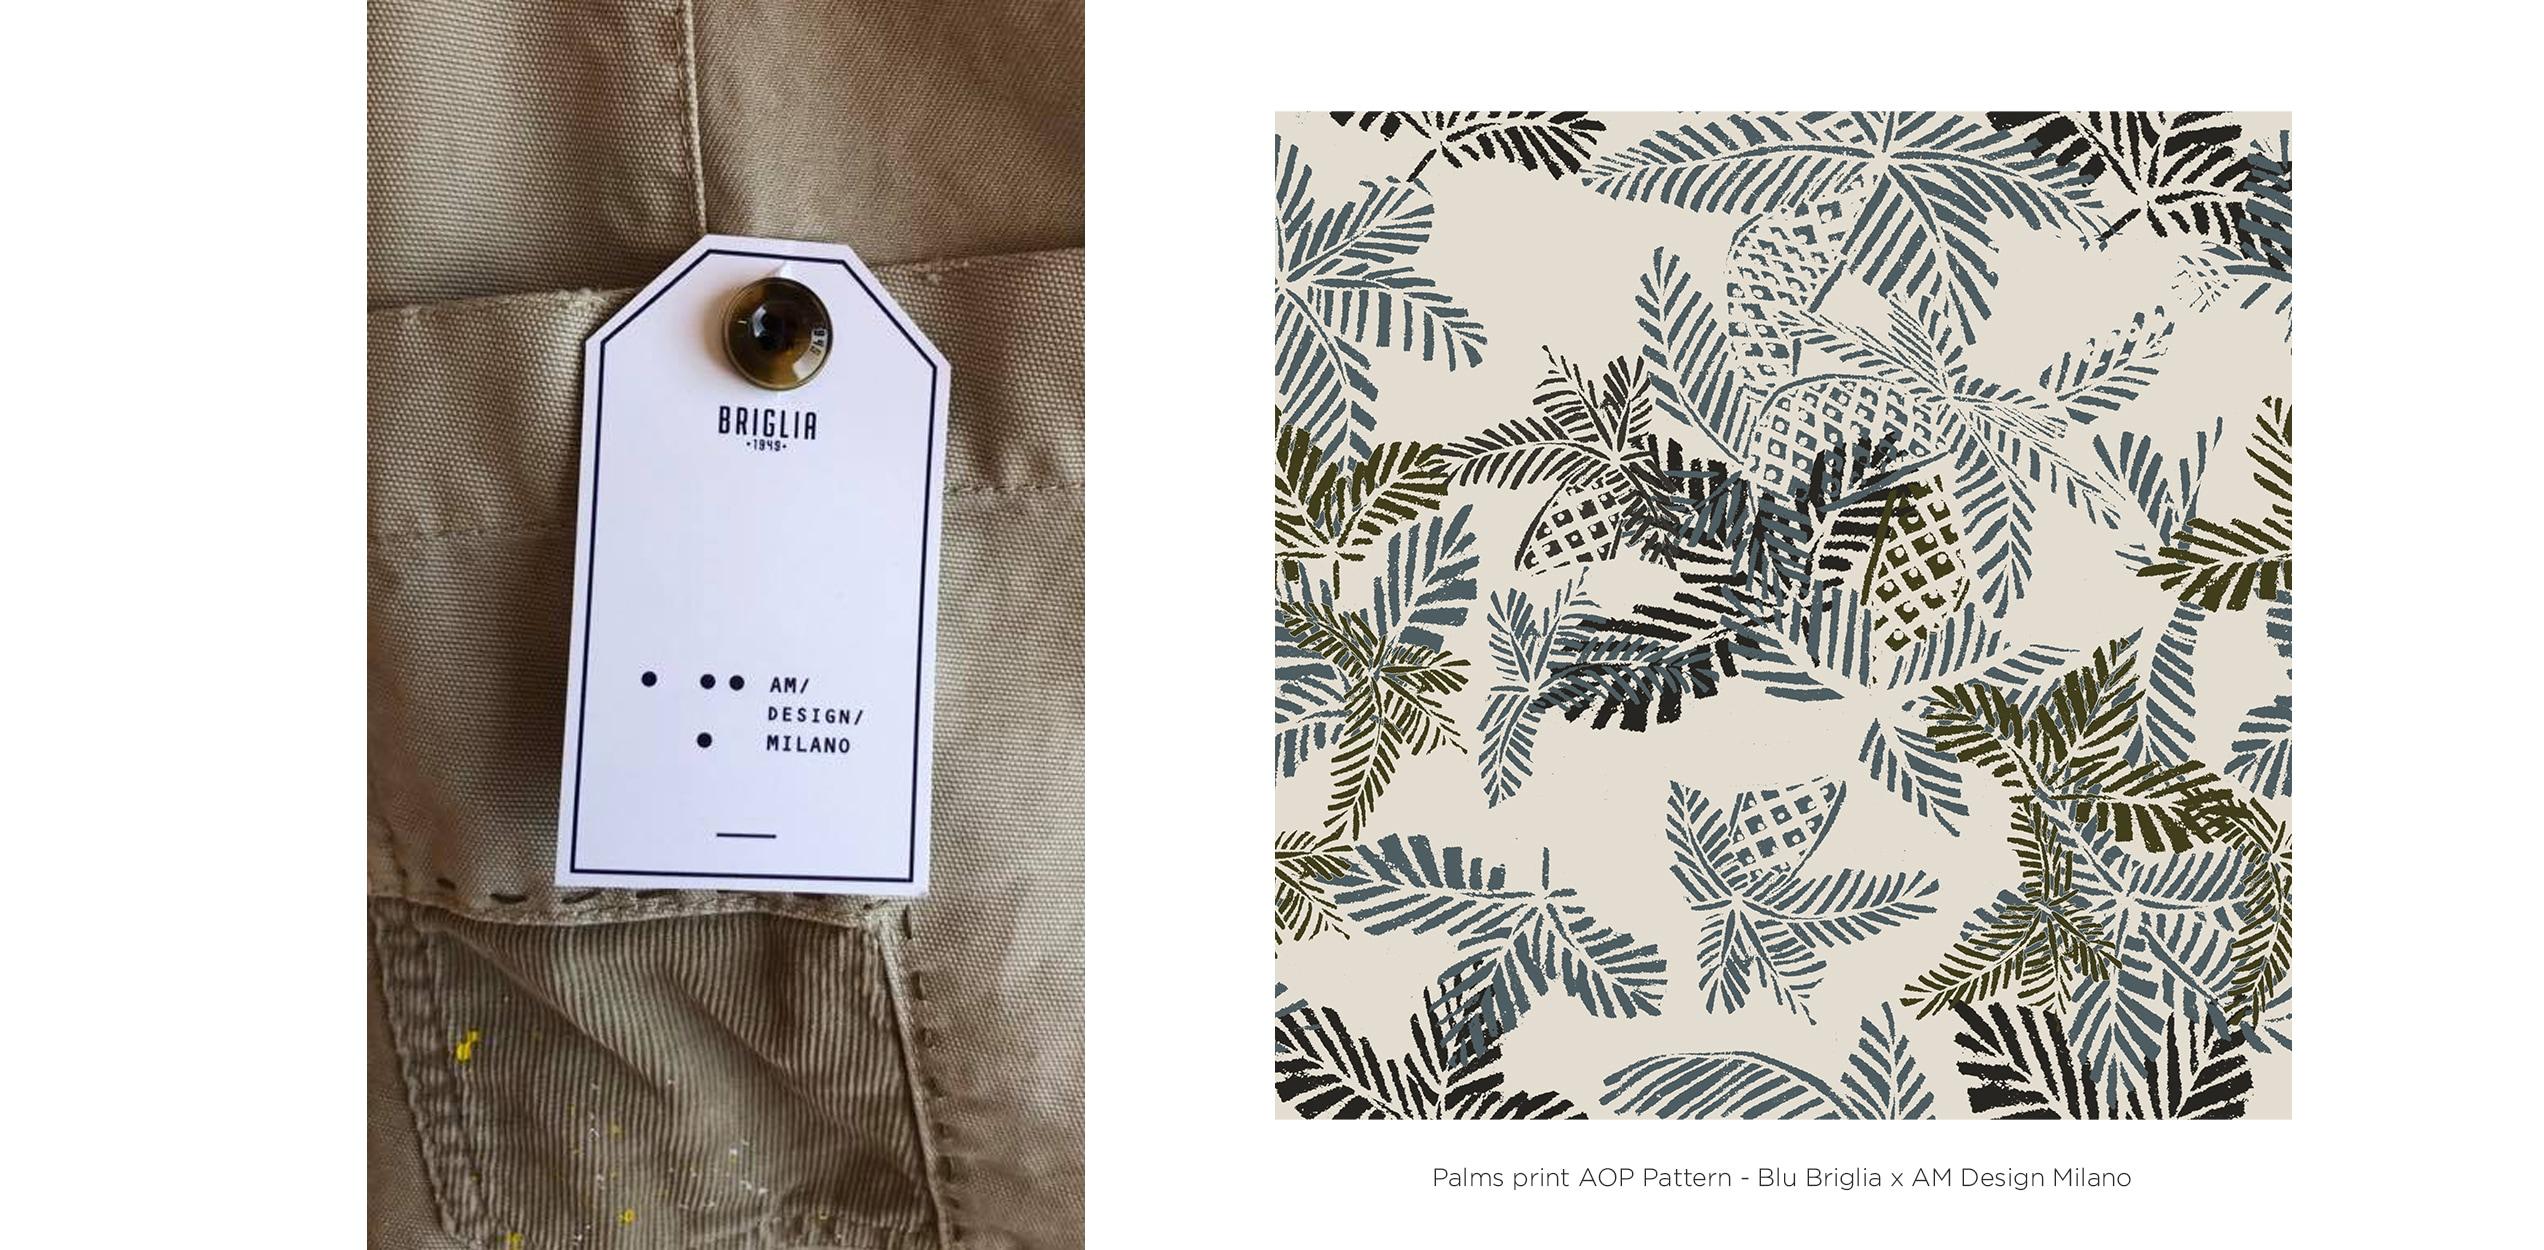 Andrea Busnelli Fashion Graphic Designer AM. Design x Blu Briglia Milano